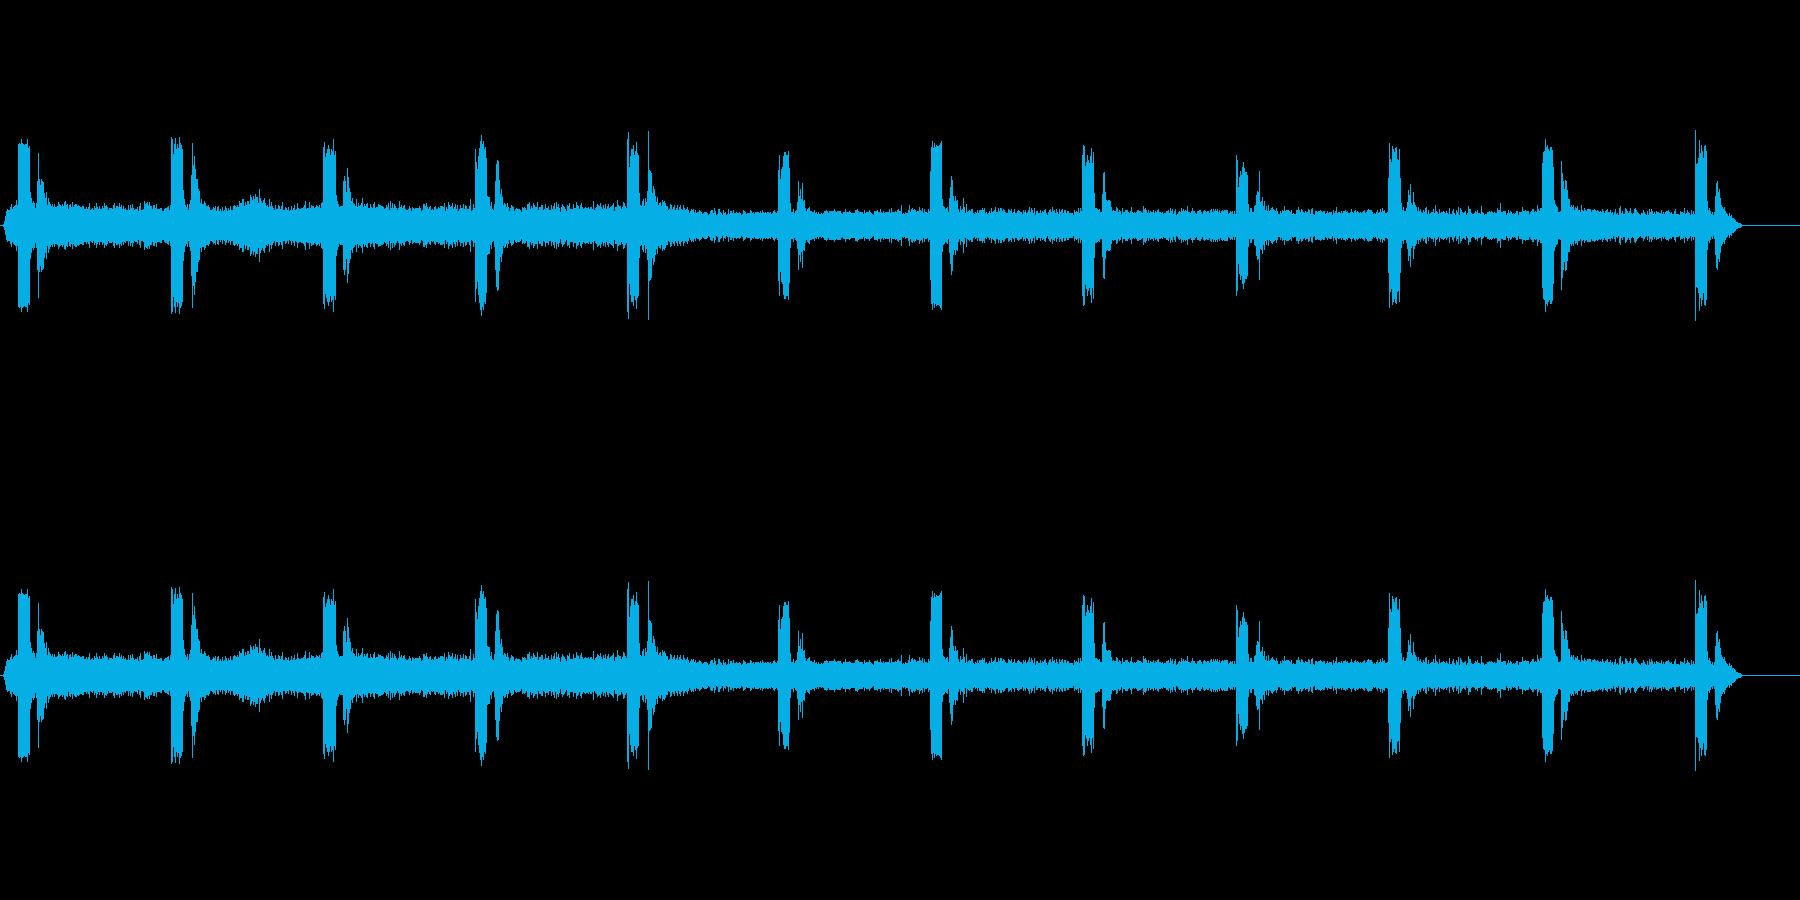 産業工場環境3の再生済みの波形